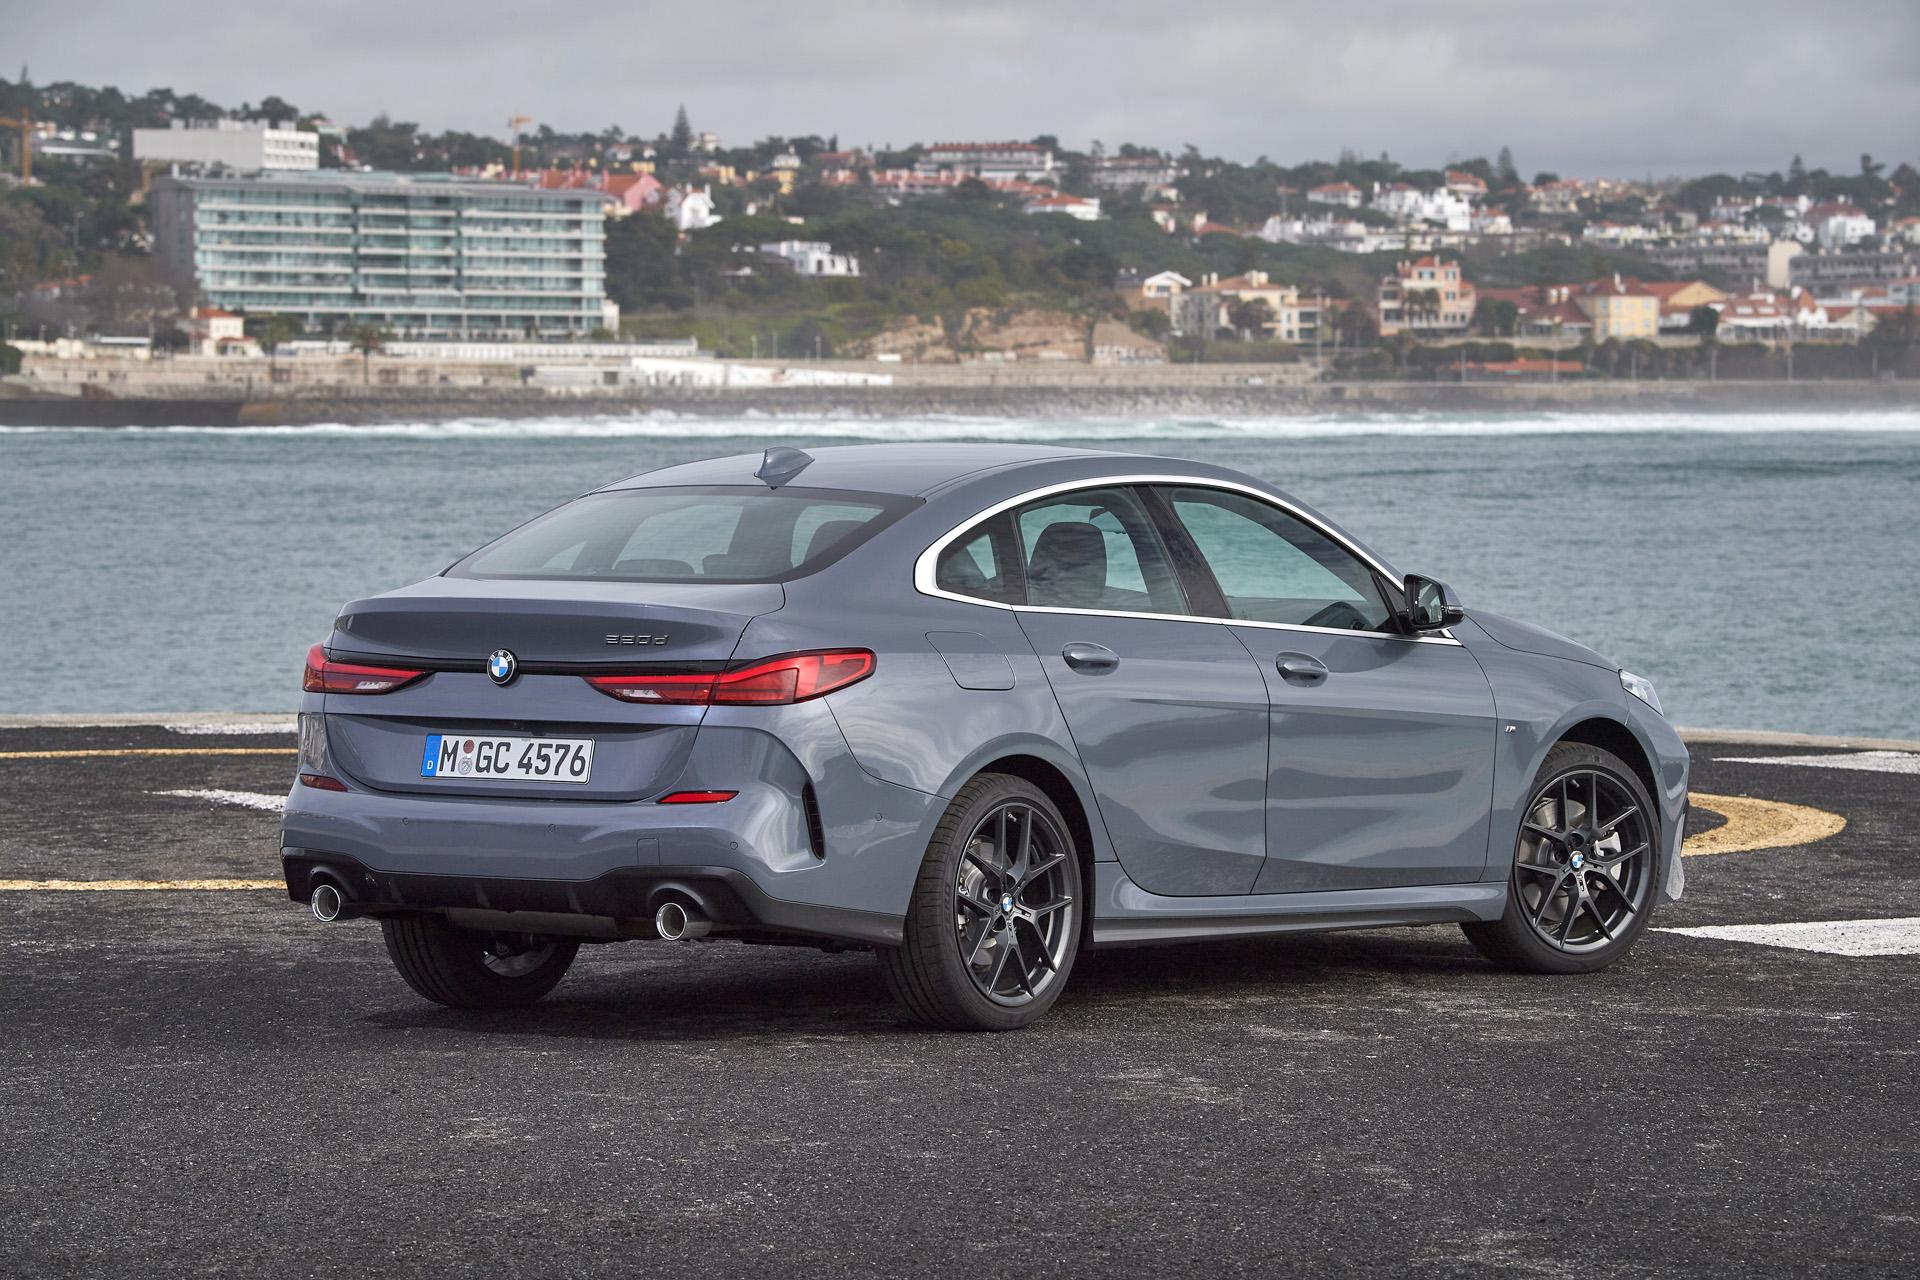 Новата Серия 2 Gran Coupe с индекс F44 е първият седан на BMW със задвижване на предните колела. За дългогодишните фенове на баварската марка това вече е причина да хулят модела с какви ли не приказки. Но ако оставим емоциите настрана, не бихме казали, че има нещо лошо в задвижването на предните колела. Да, наистина, с него не може да се дрифтира, но не много опитните шофьори и особено дамите сред тях, за които тази кола е твърде вероятно да стане първата в живота, ще се чувстват по-уверени на хлъзгав път. Това е факт, срещу който всеки друг аргумент е безсилен.  Дори новото BMW Серия 2 Gran Coupe да не се превърне в бестселър, определено ще привлече значителен дял към продажбите на марката, при това без да краде от клиентите на останалите модели. Неговата задача е да привлече нови клиенти в света на BMW, за които няма значение какво е задвижването, щом шофирането доставя удоволствие.